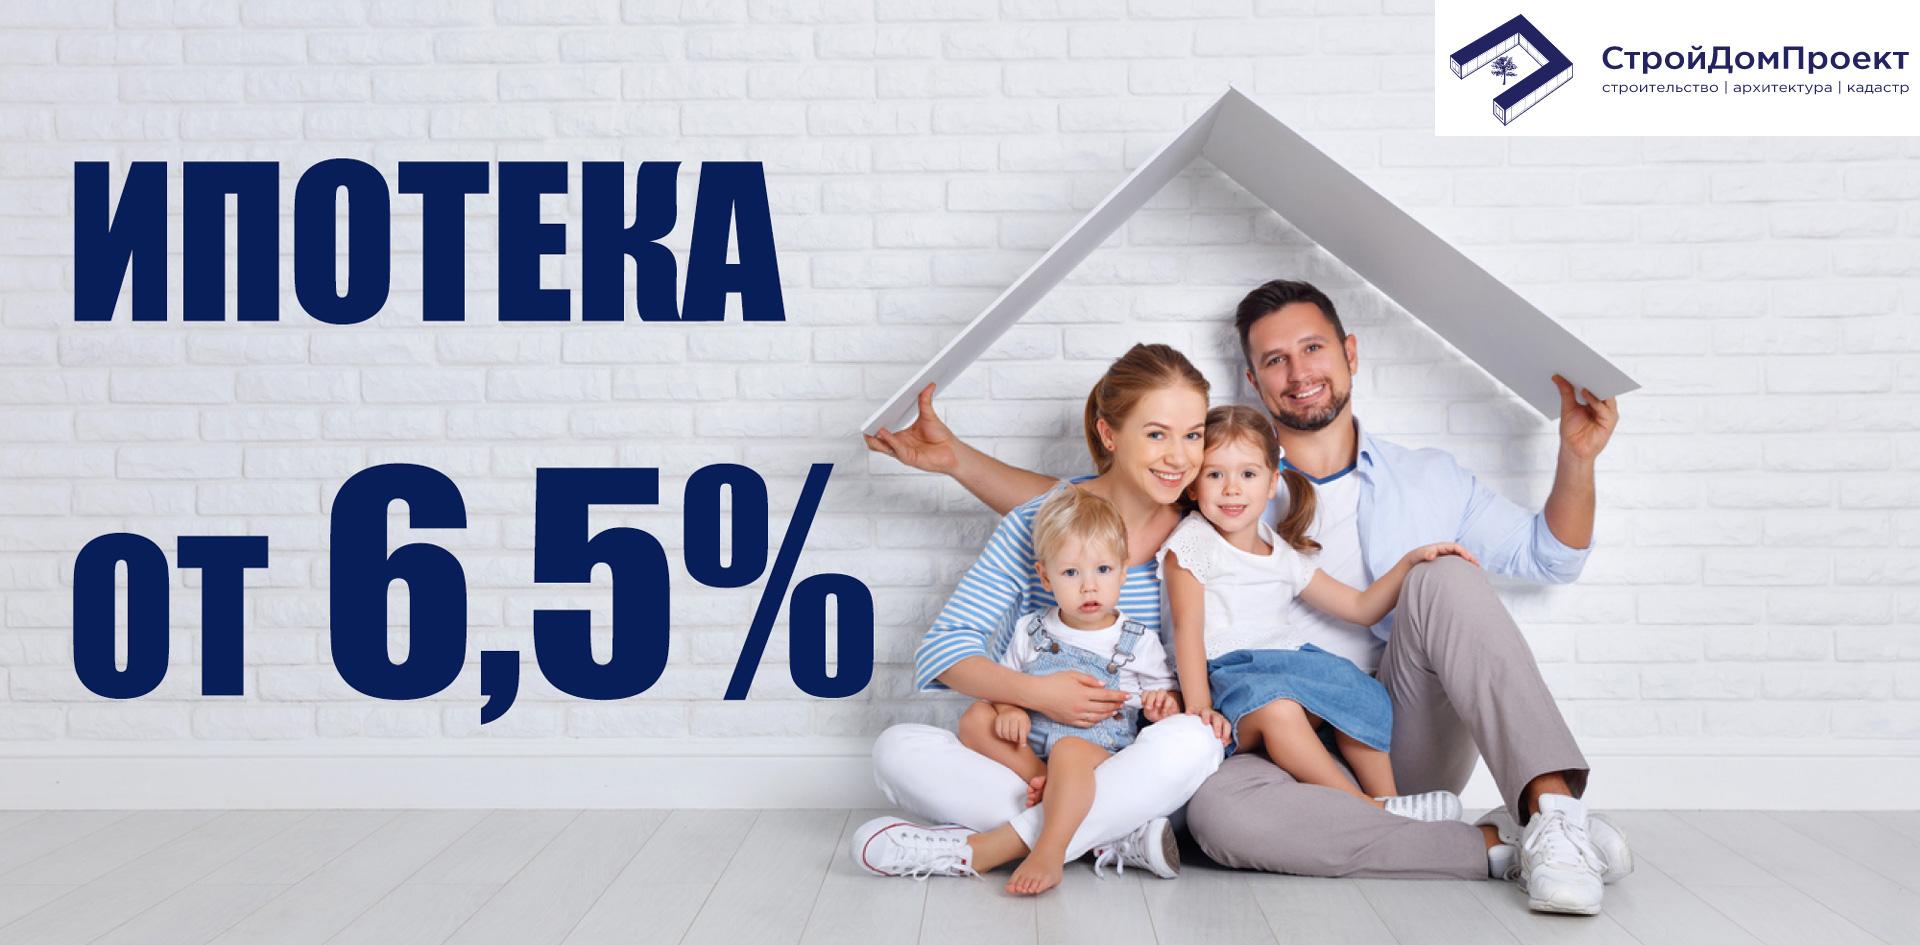 Льготная ипотека под 6,5%: разбираем условия программы с экспертами